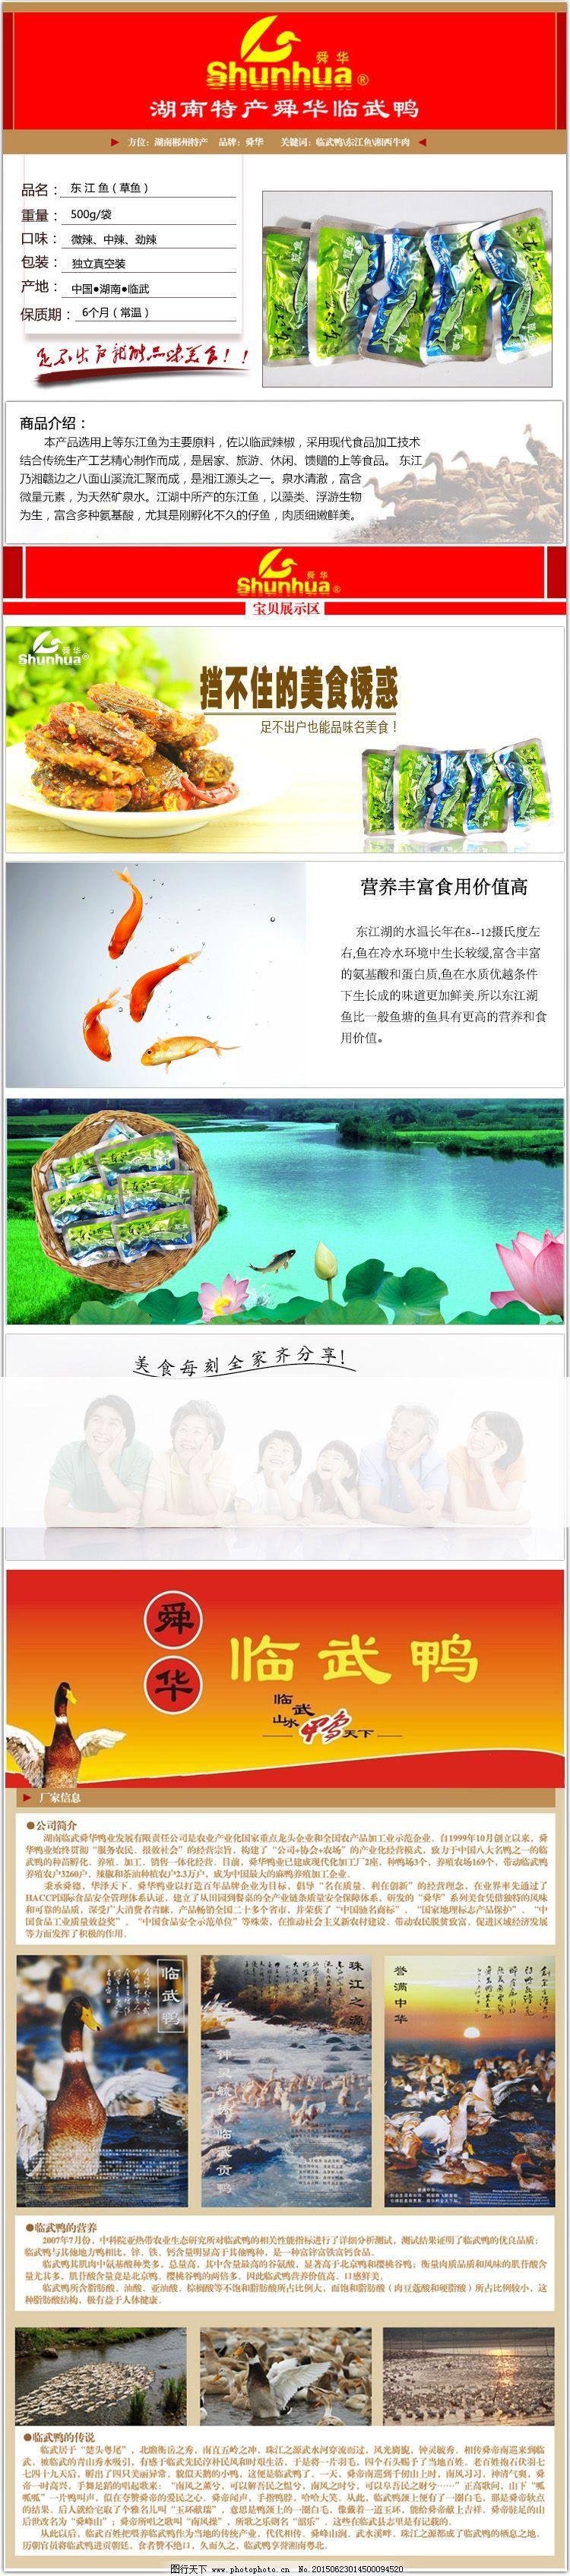 淘宝食品特产详情页 淘宝食品特产详情页免费下载 湖南东江鱼 模板描述